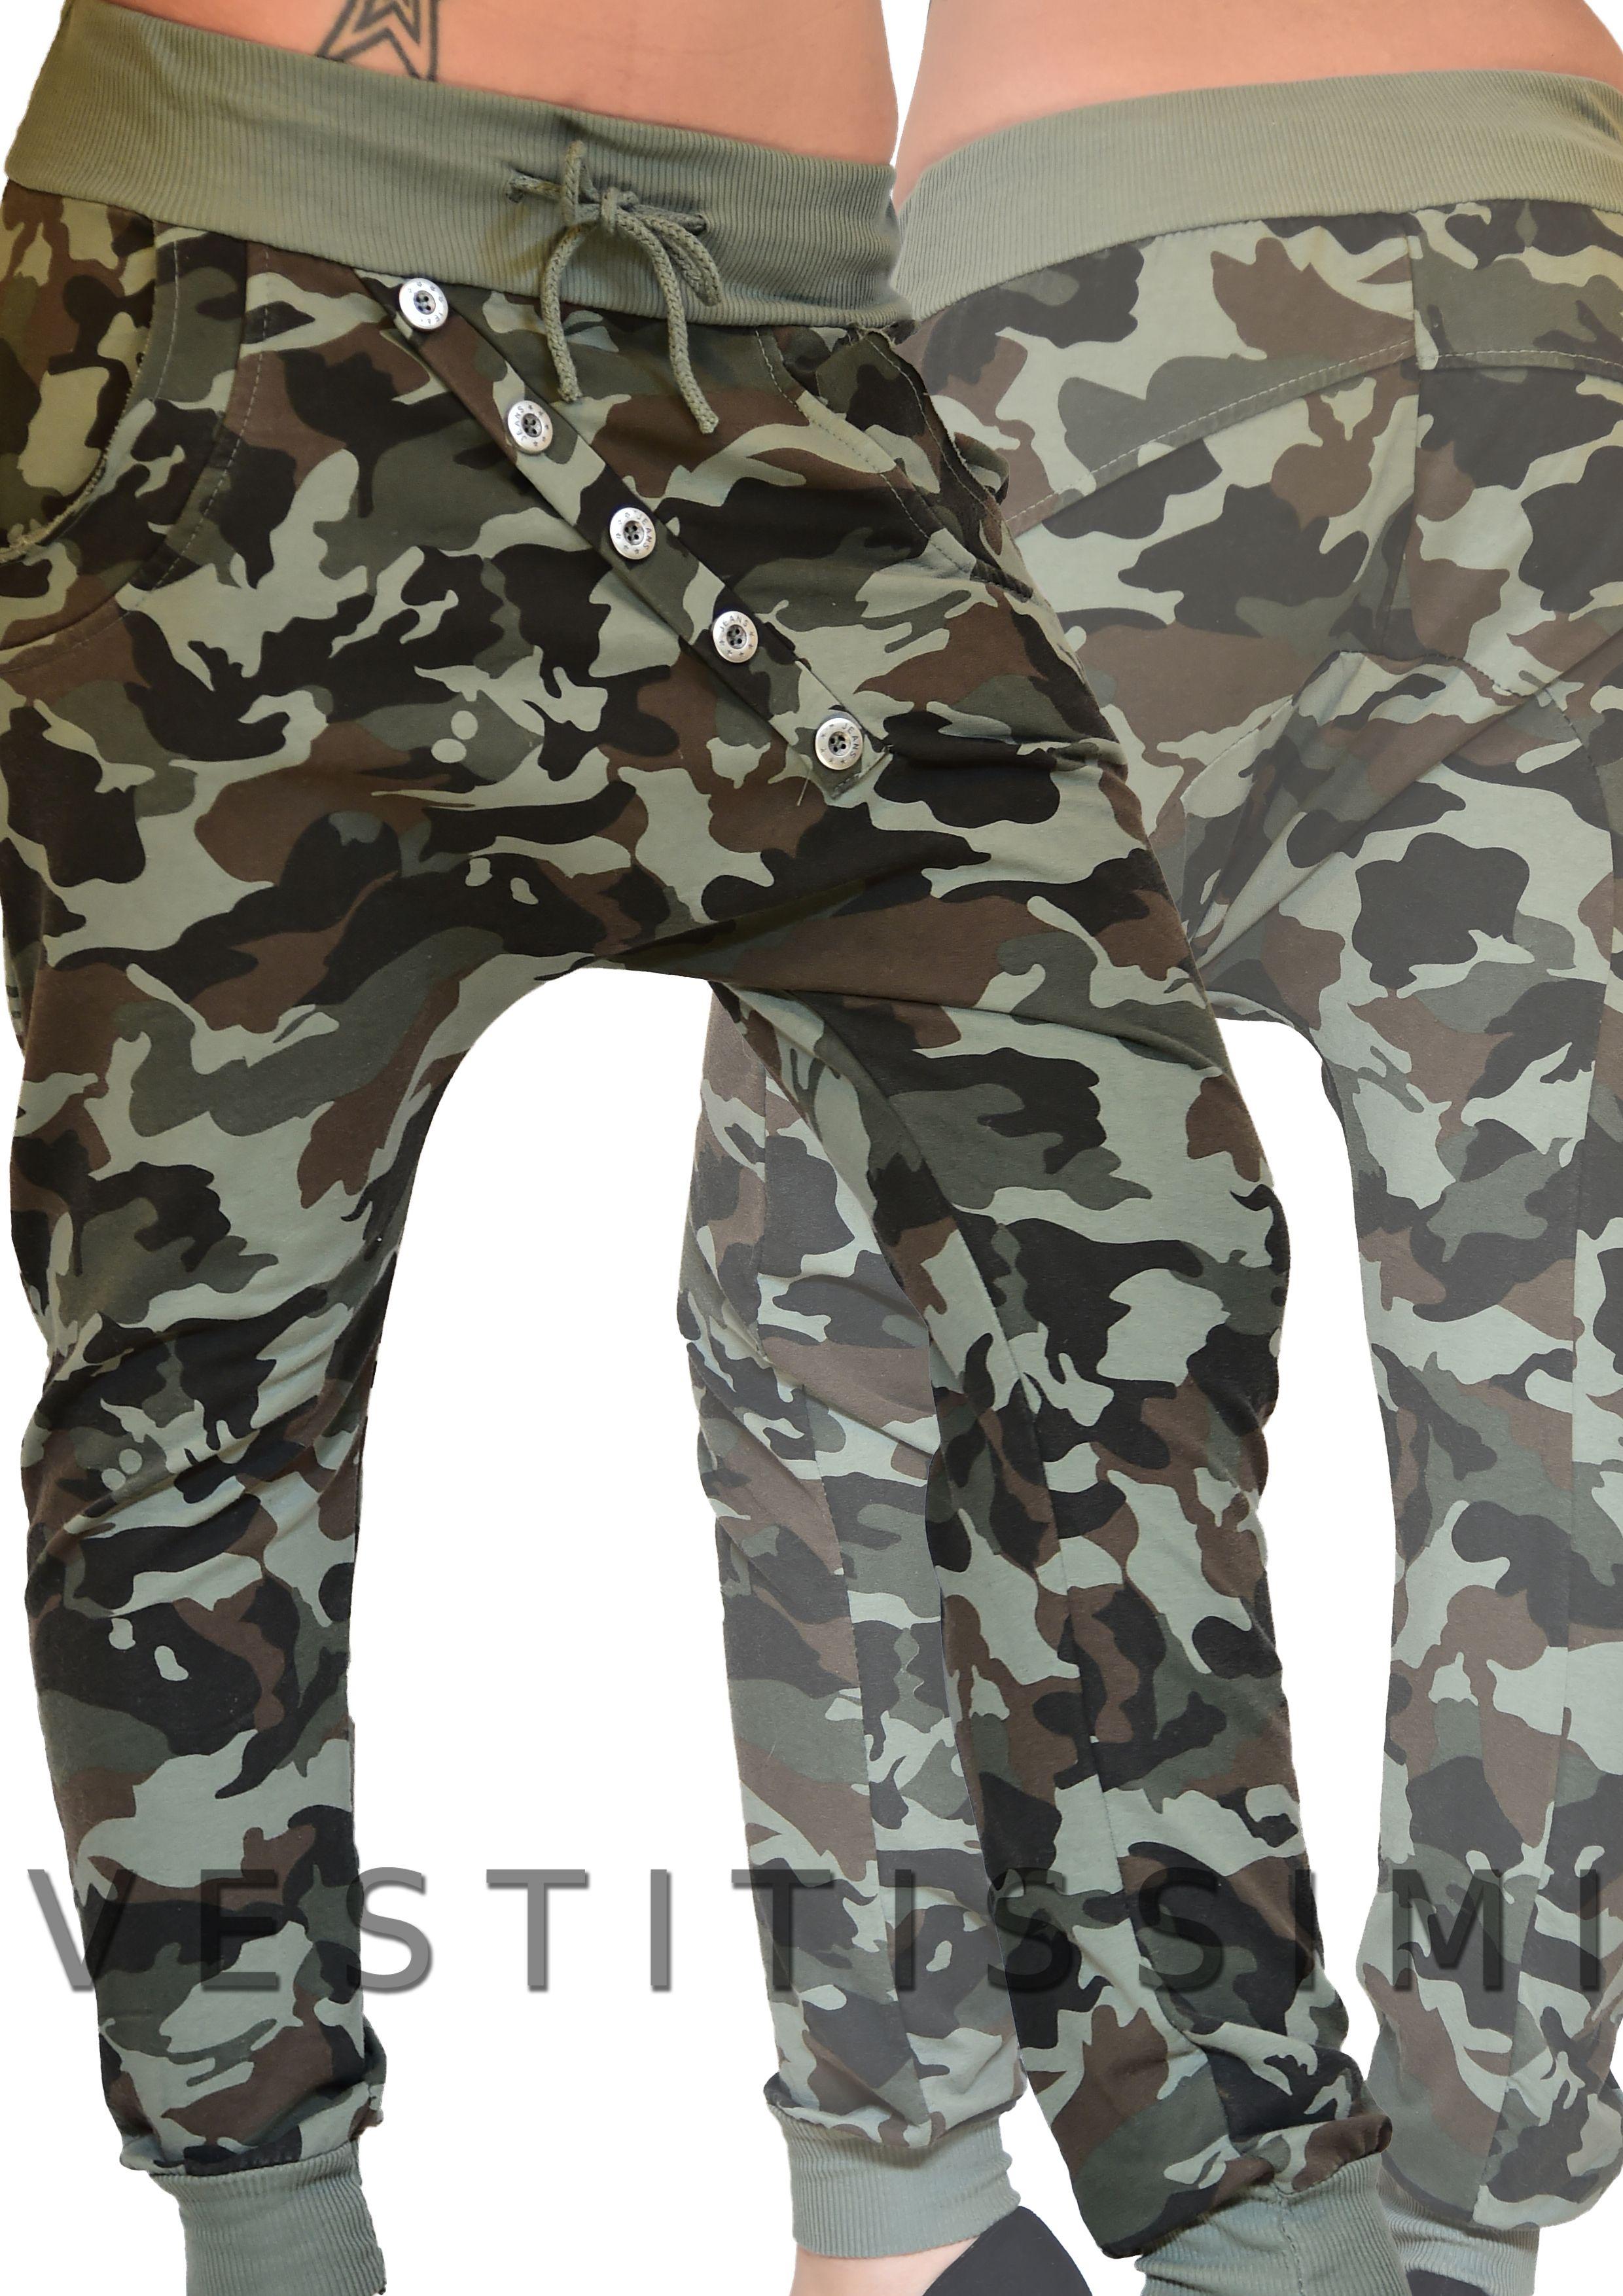 59f227a9a2654a Pantalone donna fitness colore verde fantasia mimetico militare con  chiusura a bottoni, fascia elastica in vita e laccio, tasche.